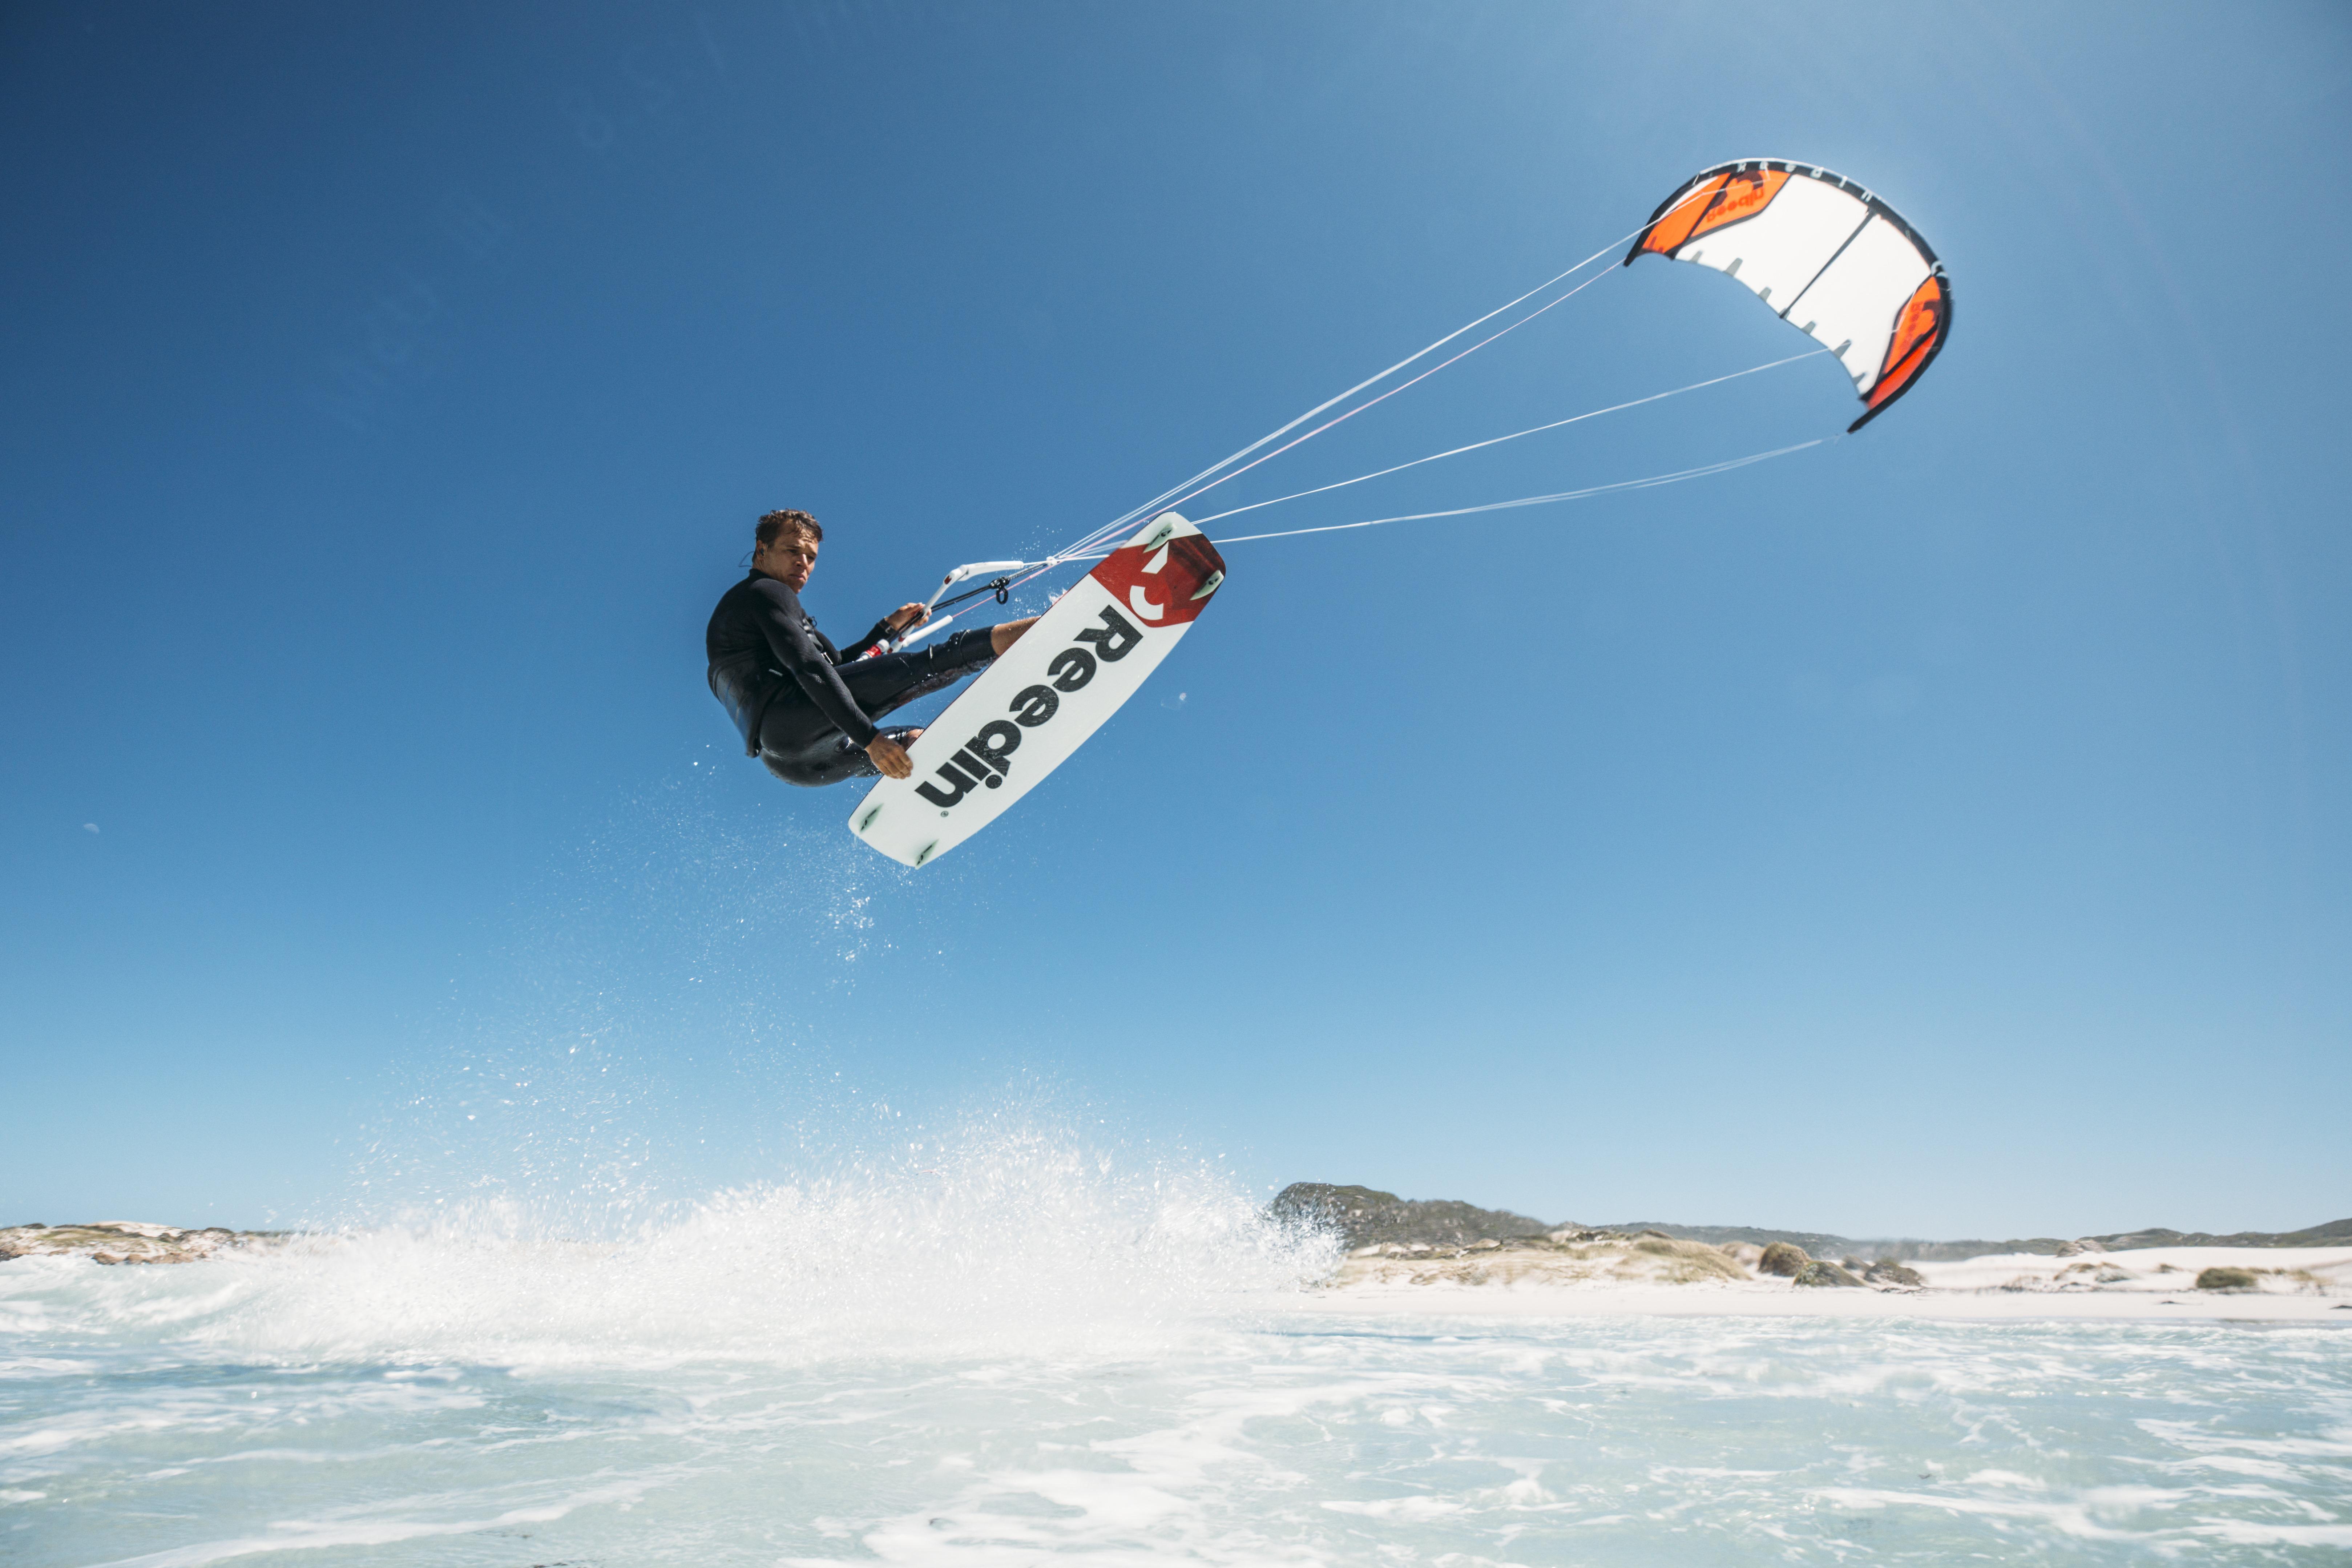 Reedin Super Model 2020 Kite